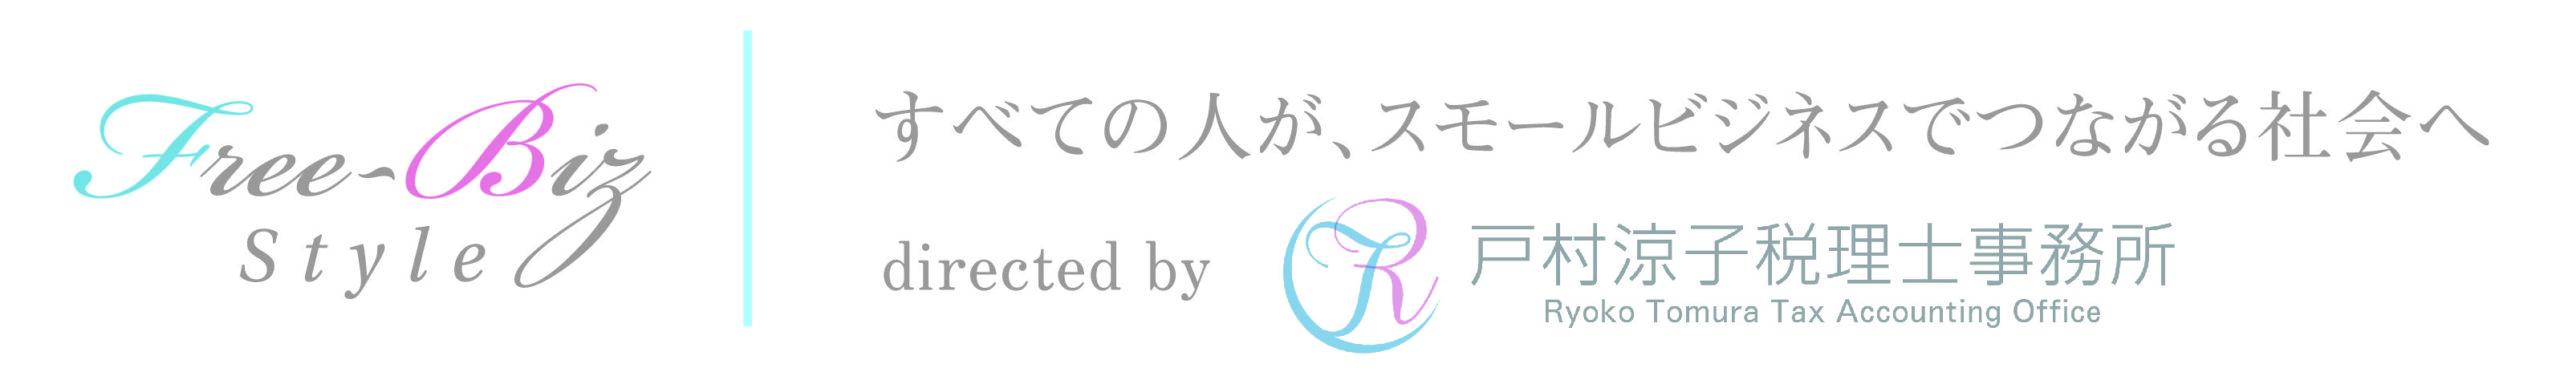 フリービズ・スタイル/戸村涼子税理士事務所